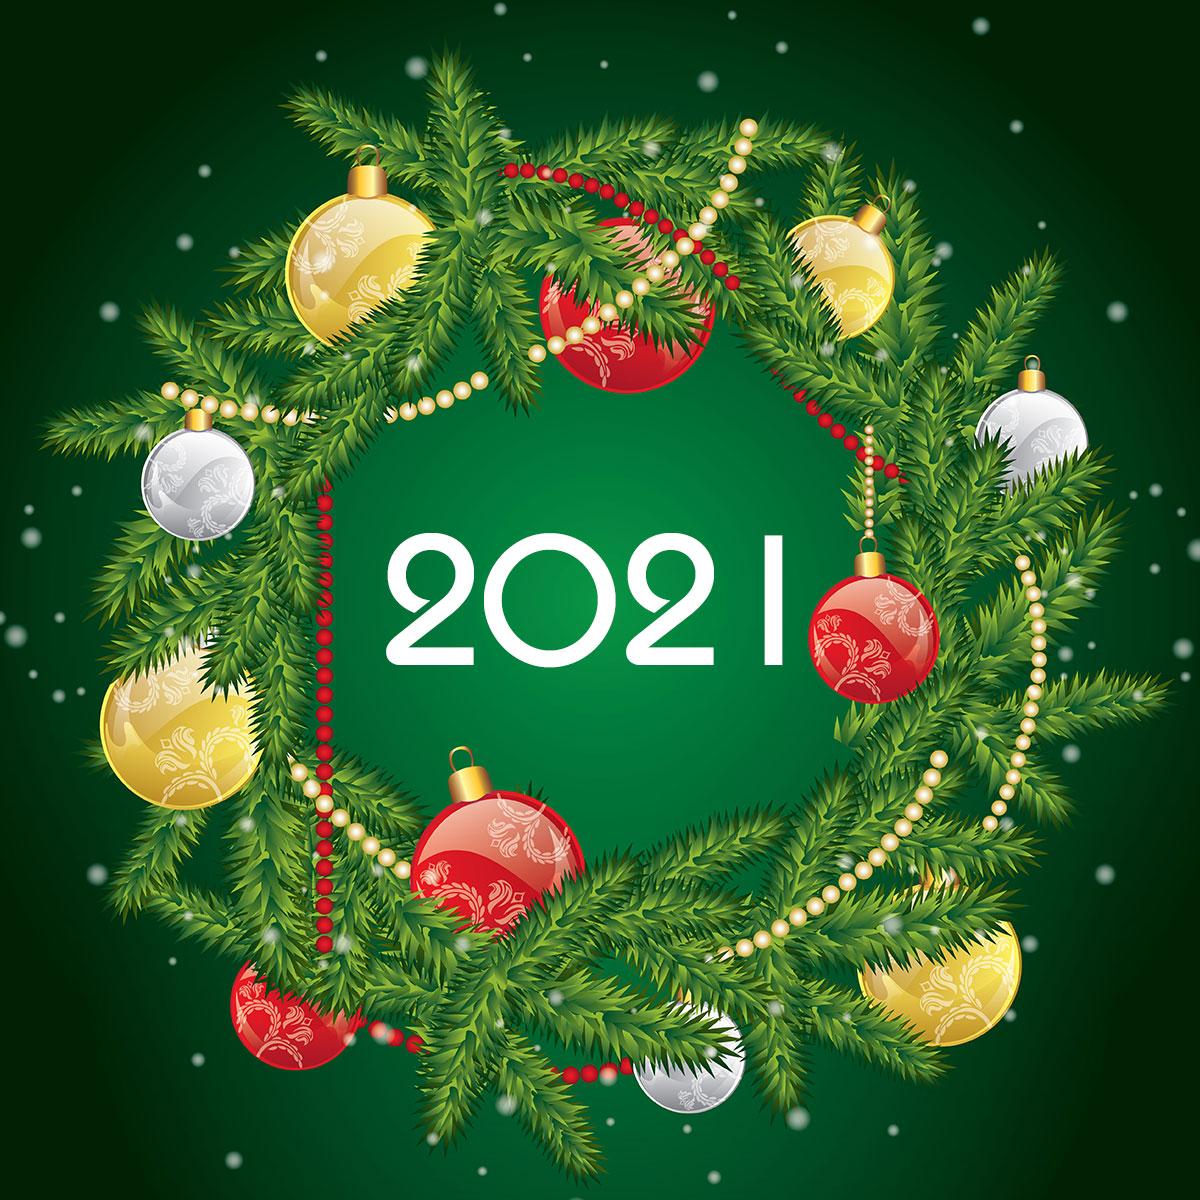 Зелёная картинка с новогодними украшениями и венком из еловых ветвей.